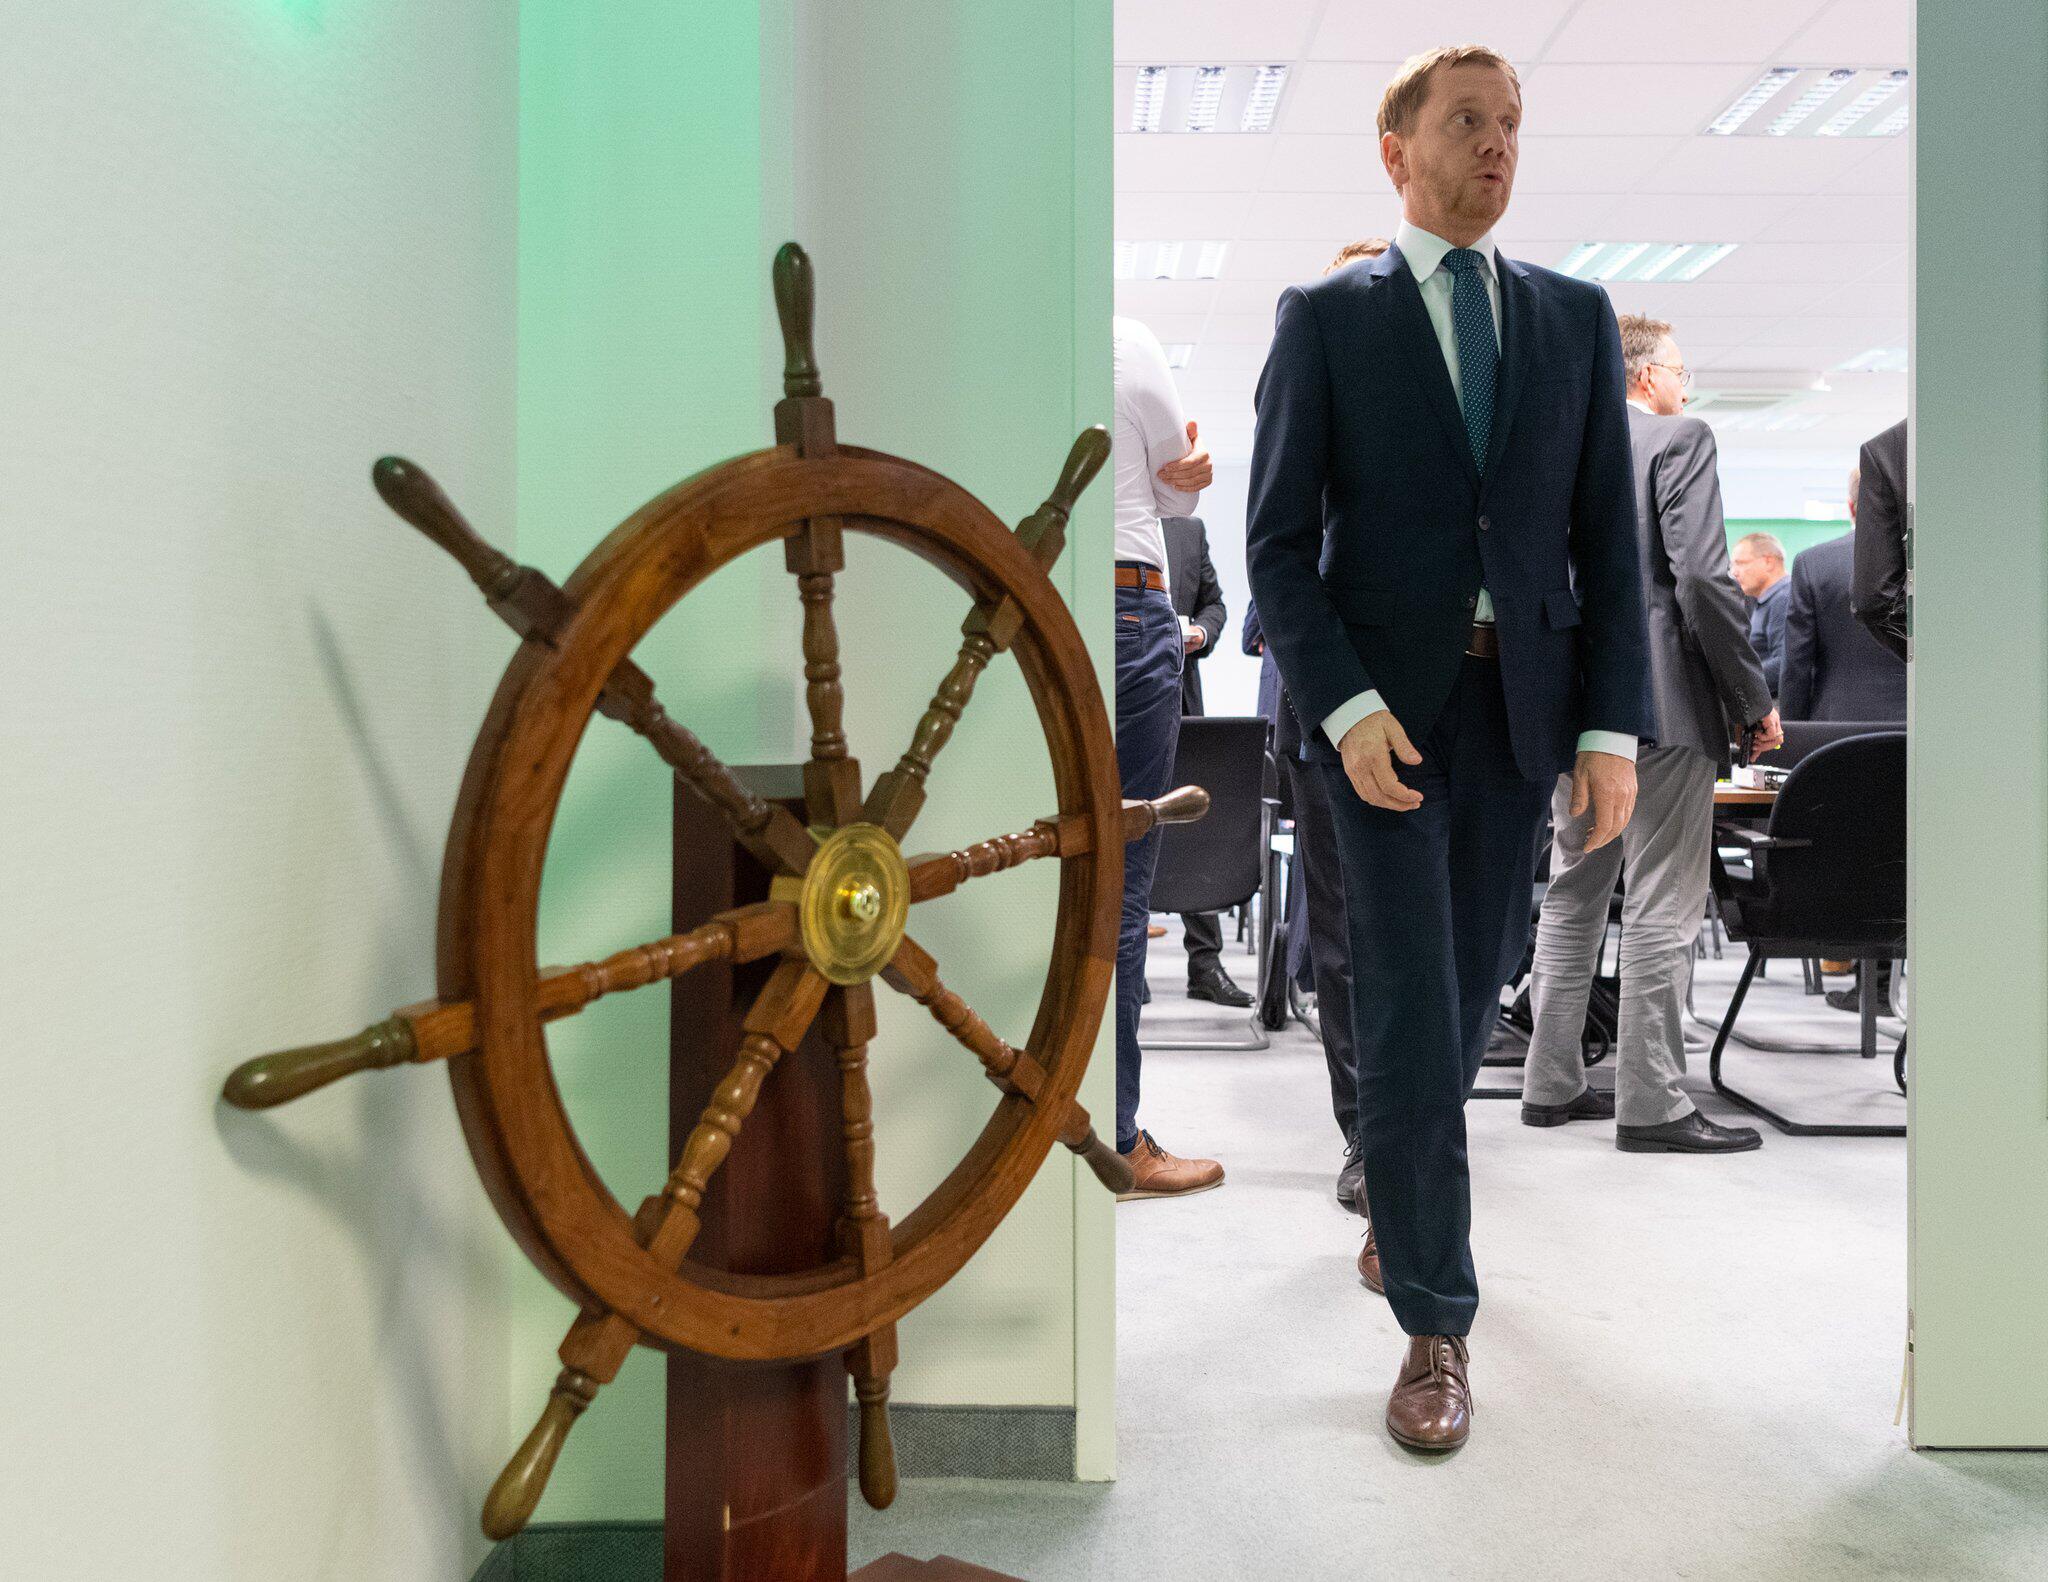 Bild zu Beratungen der CDU Sachsen über Koalitionsverhandlungen